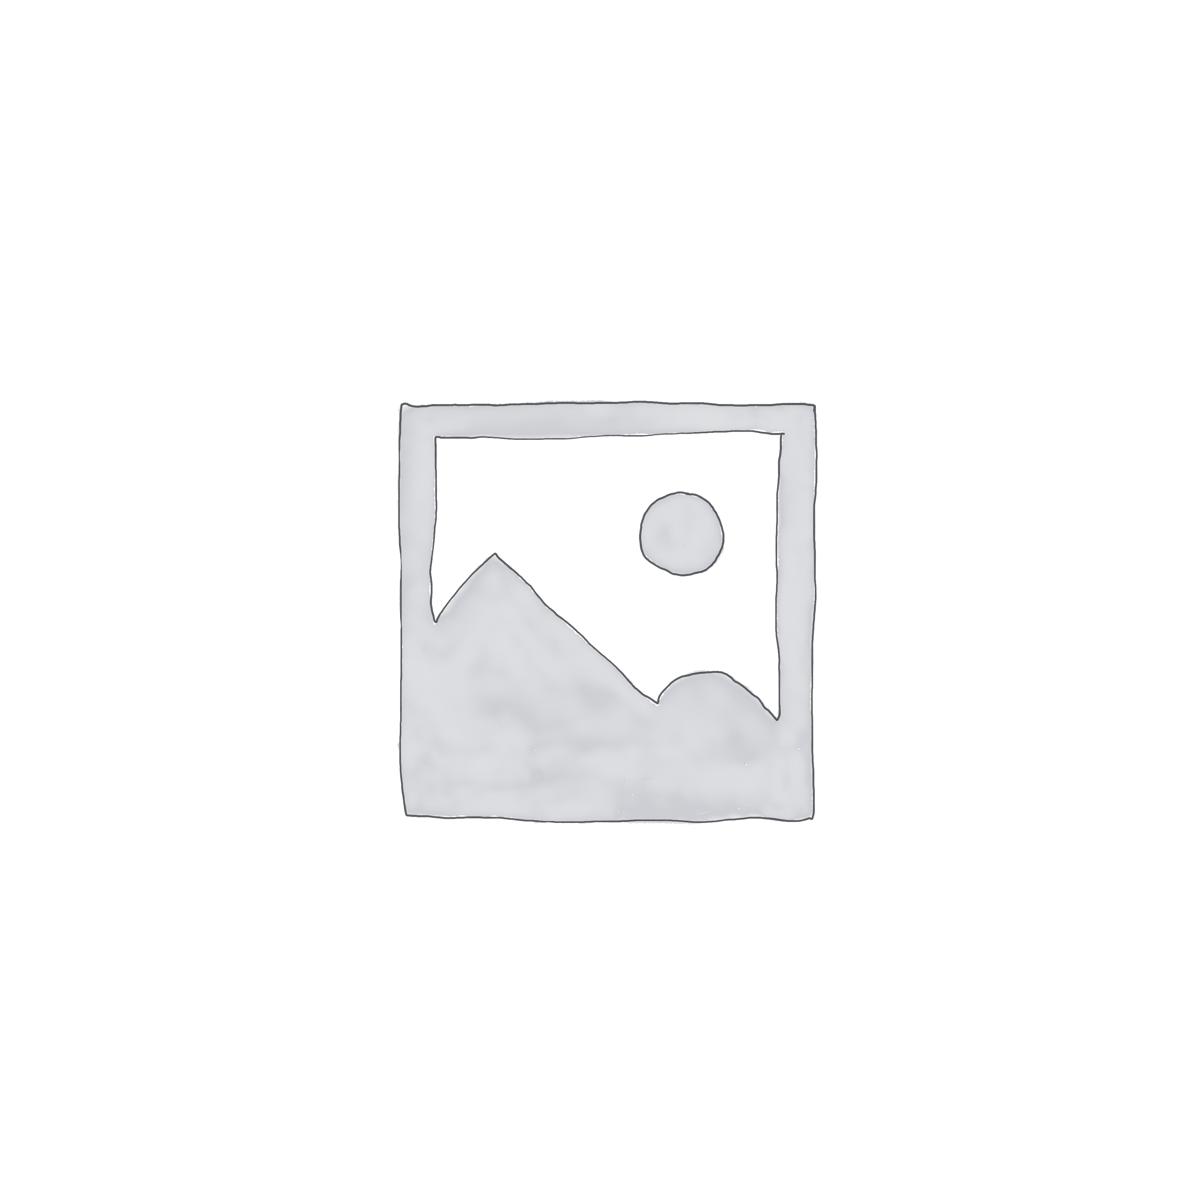 Balança de precisão KB-N digital, 3600g/0,01g